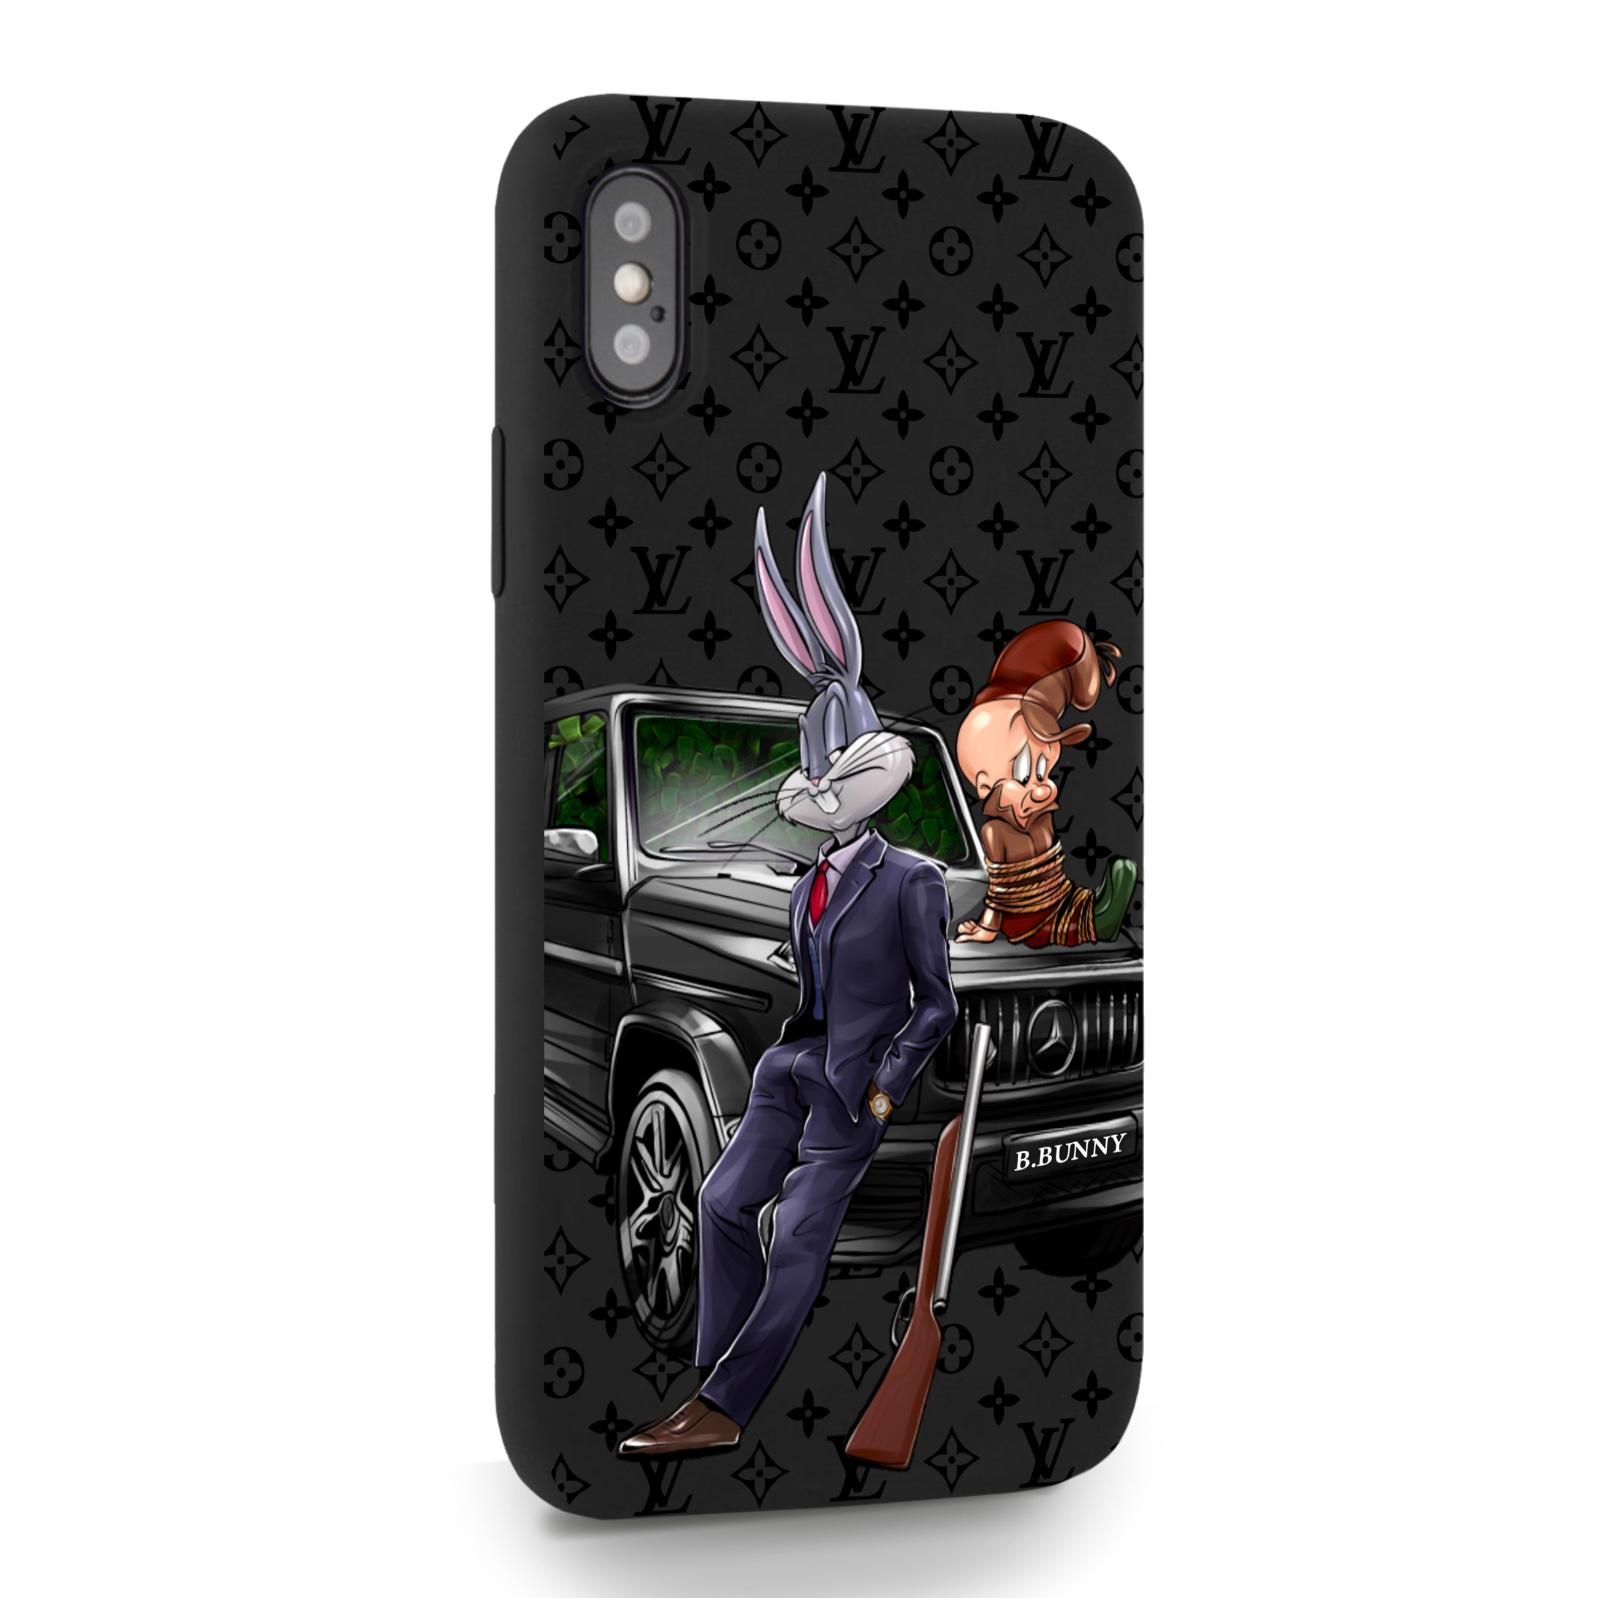 Черный силиконовый чехол для iPhone X/XS Мистер Богатый Заяц Бизнес/ Mr. Rich Bunny Business для Айфон 10/10с